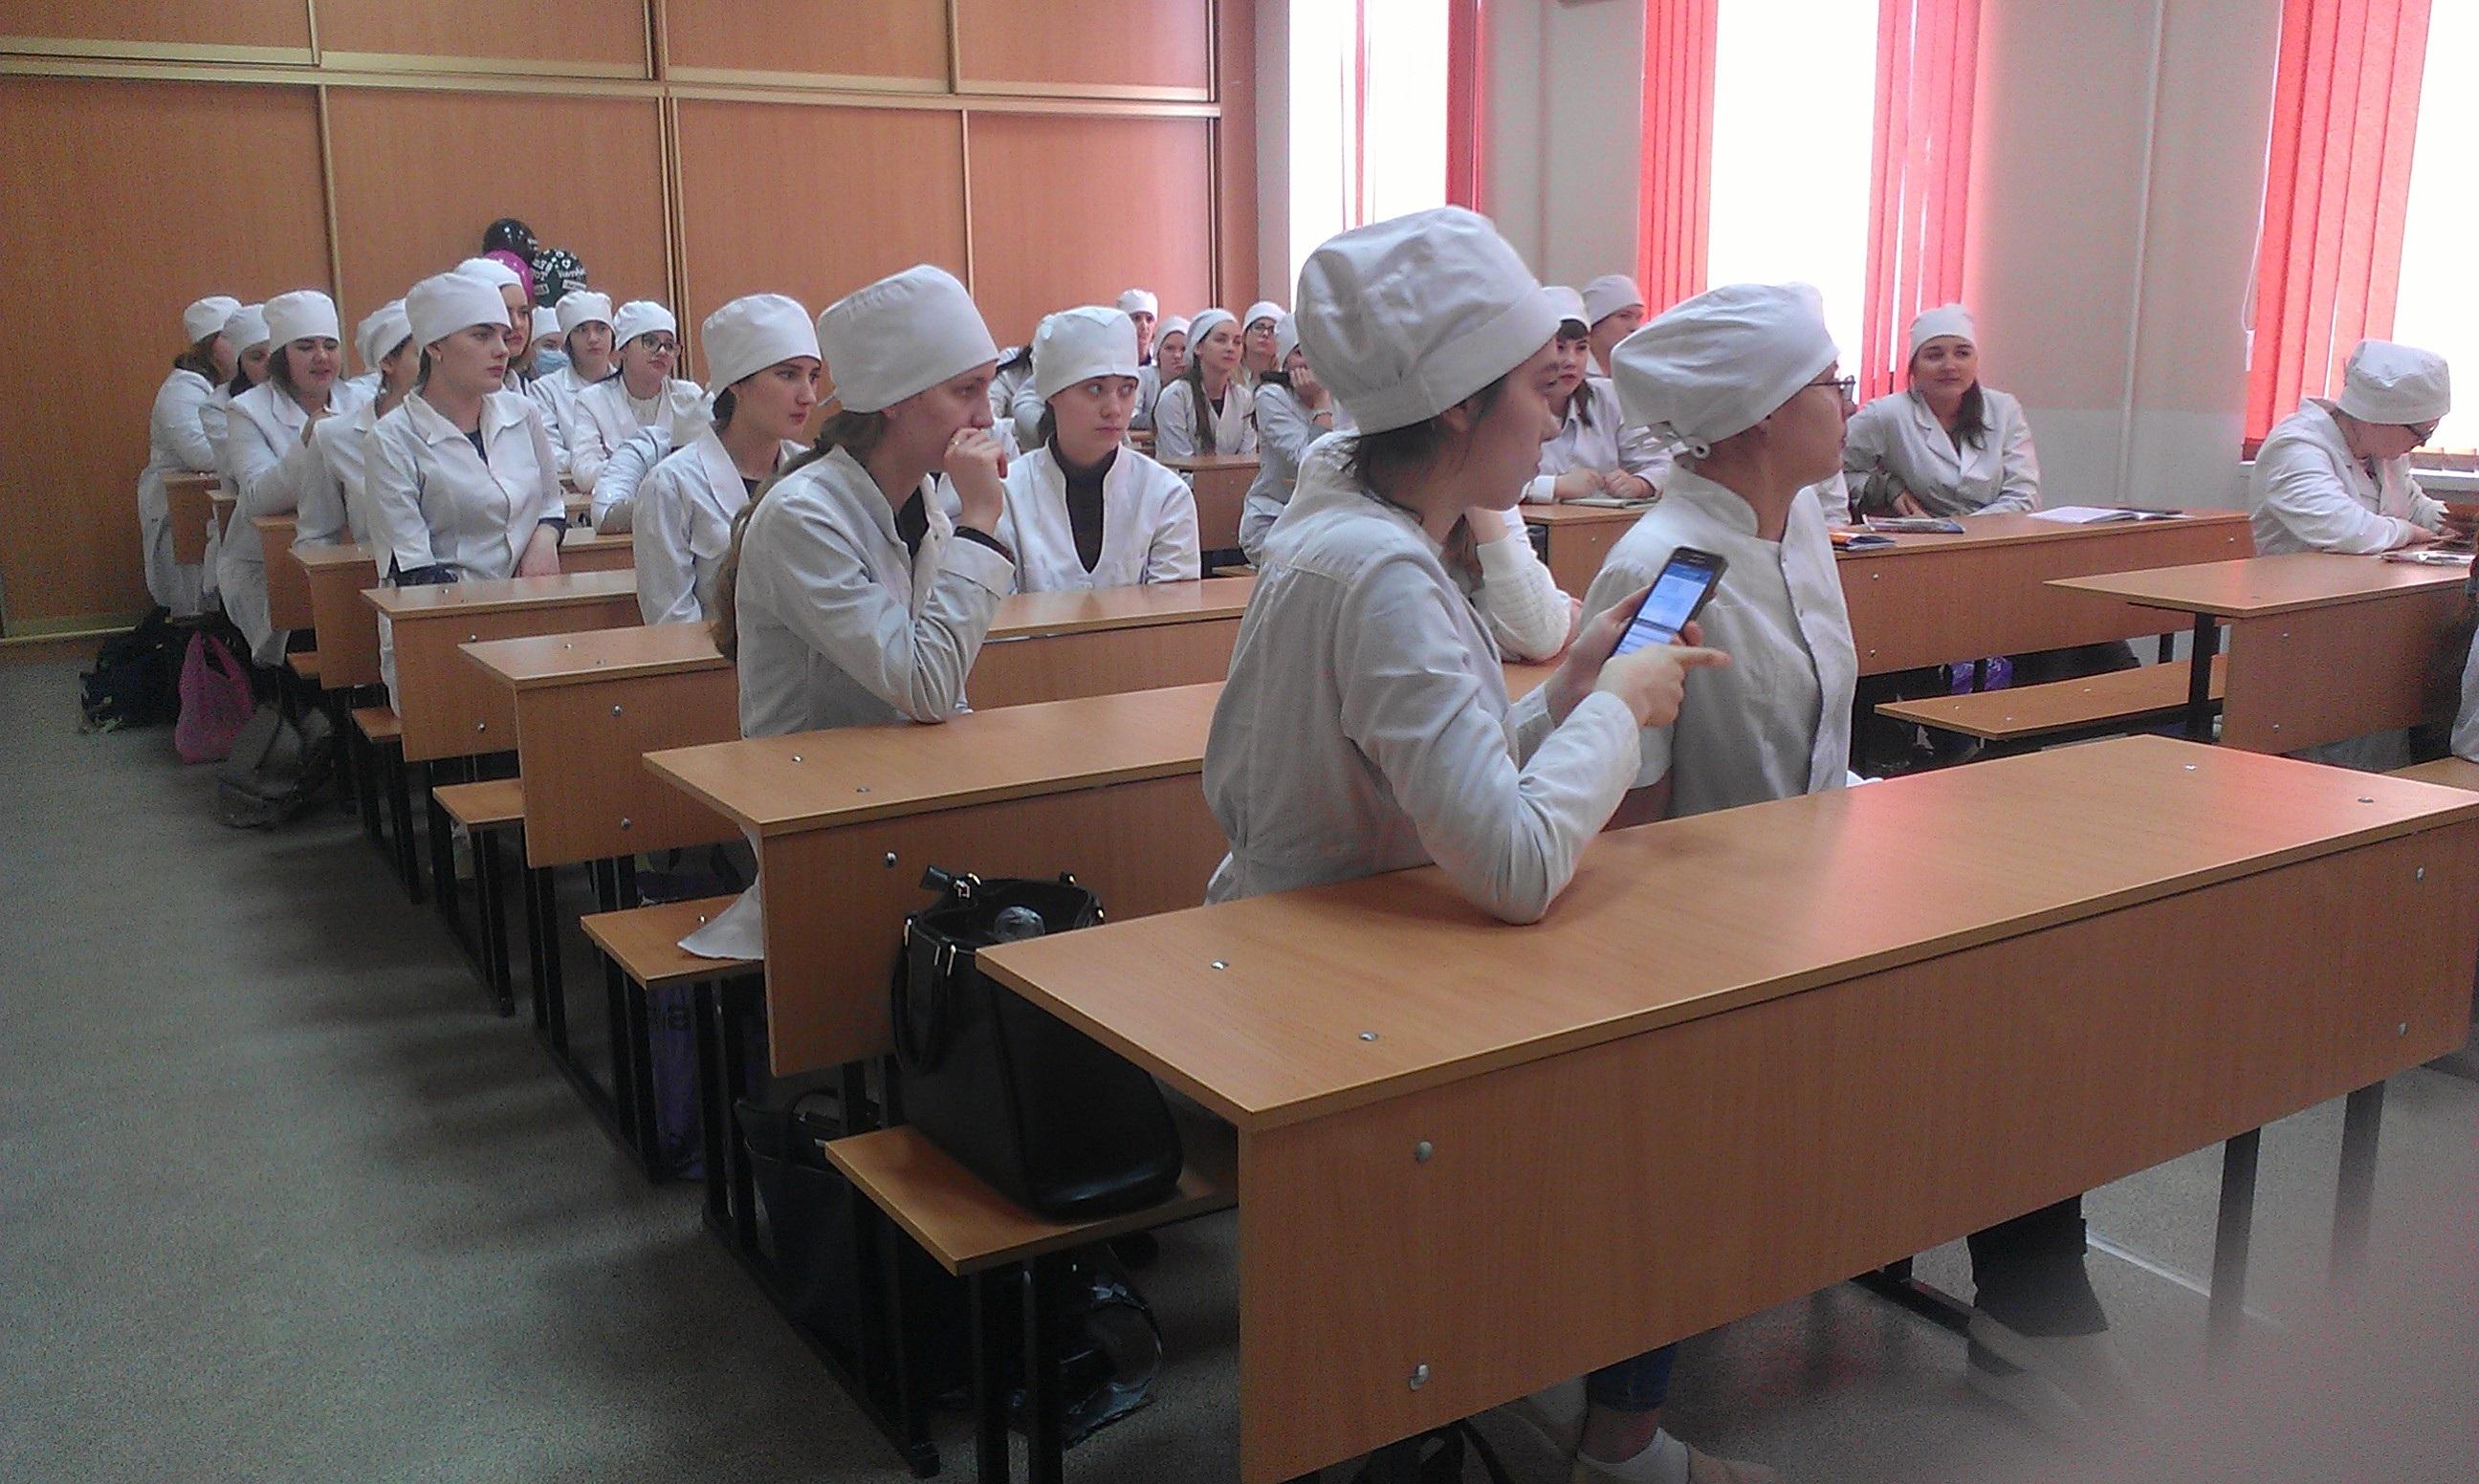 6 декабря 2018 года на базе Новороссийского медицинского колледжа прошел показ презентации на тему: «Мы разные, но мы вместе!»